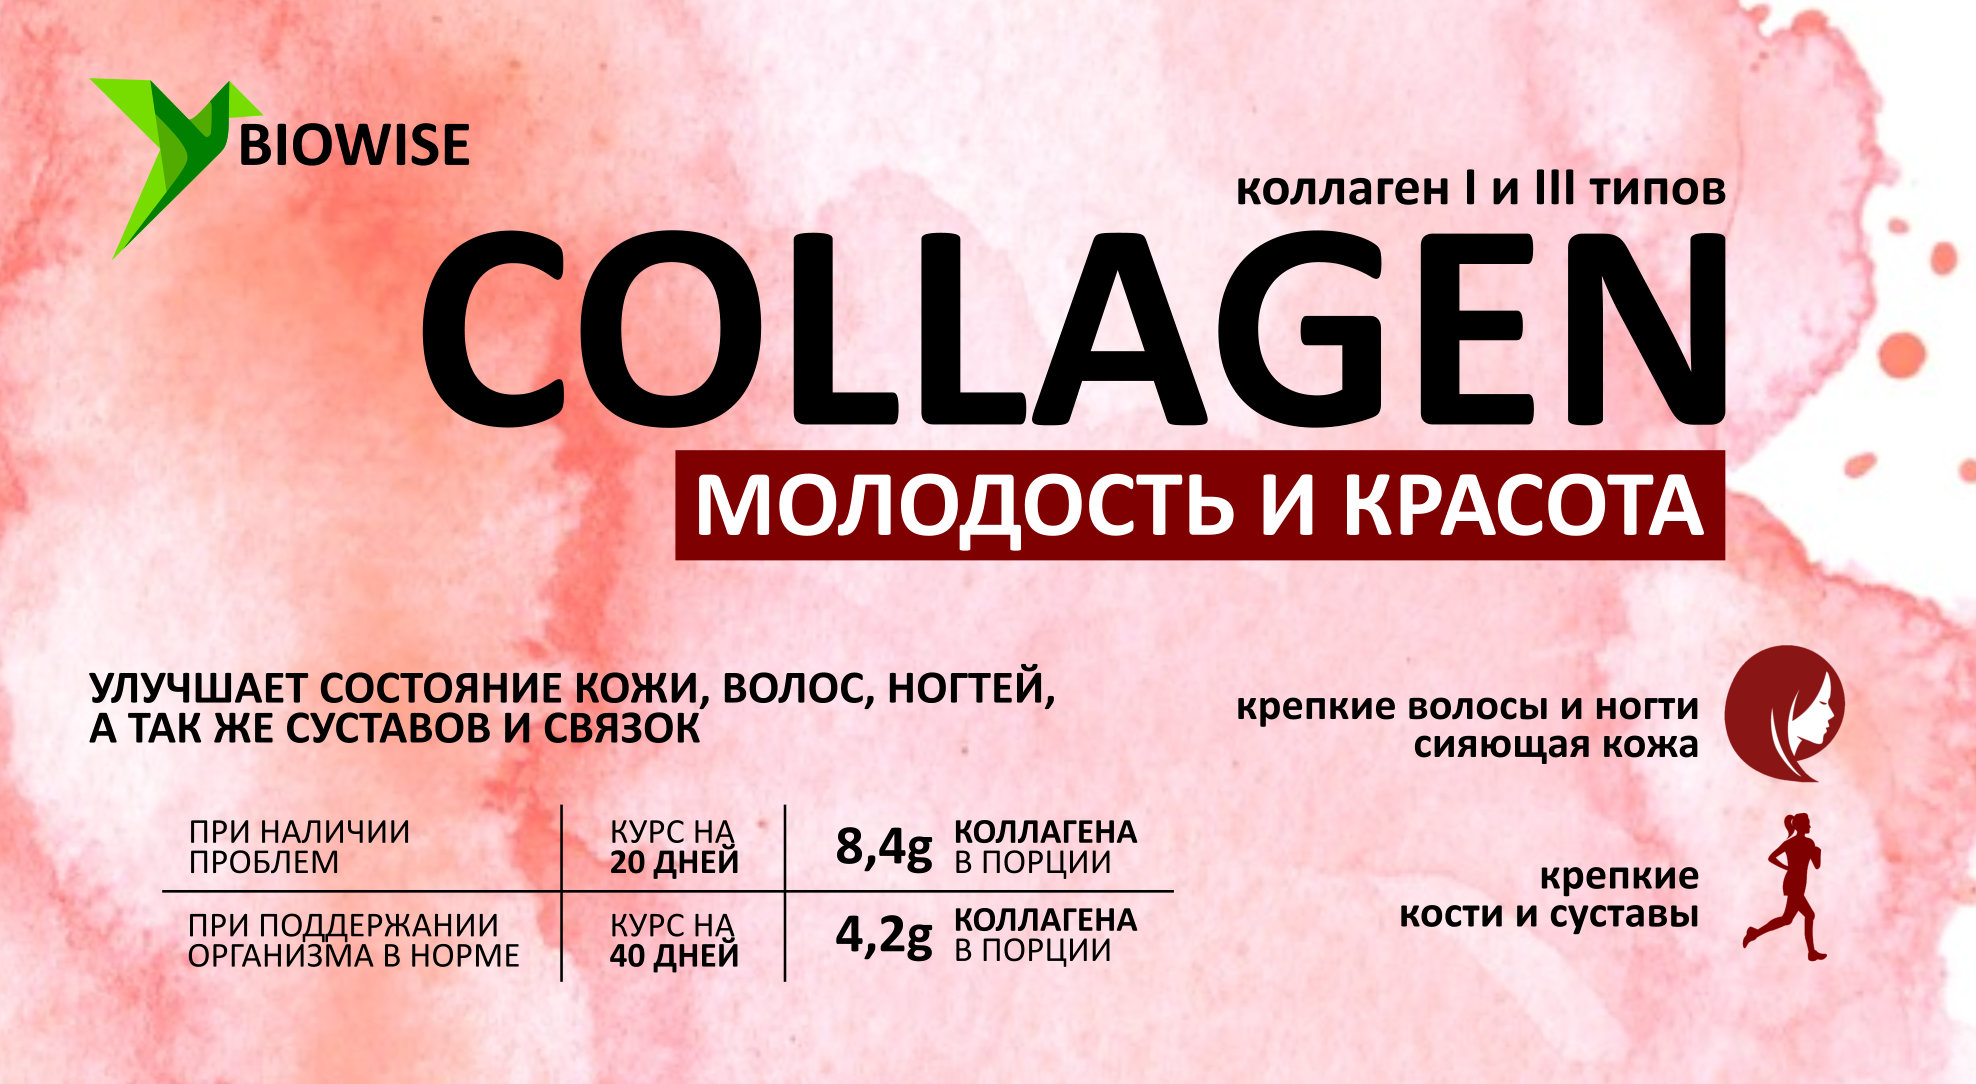 Коллаген - Молодость и красота